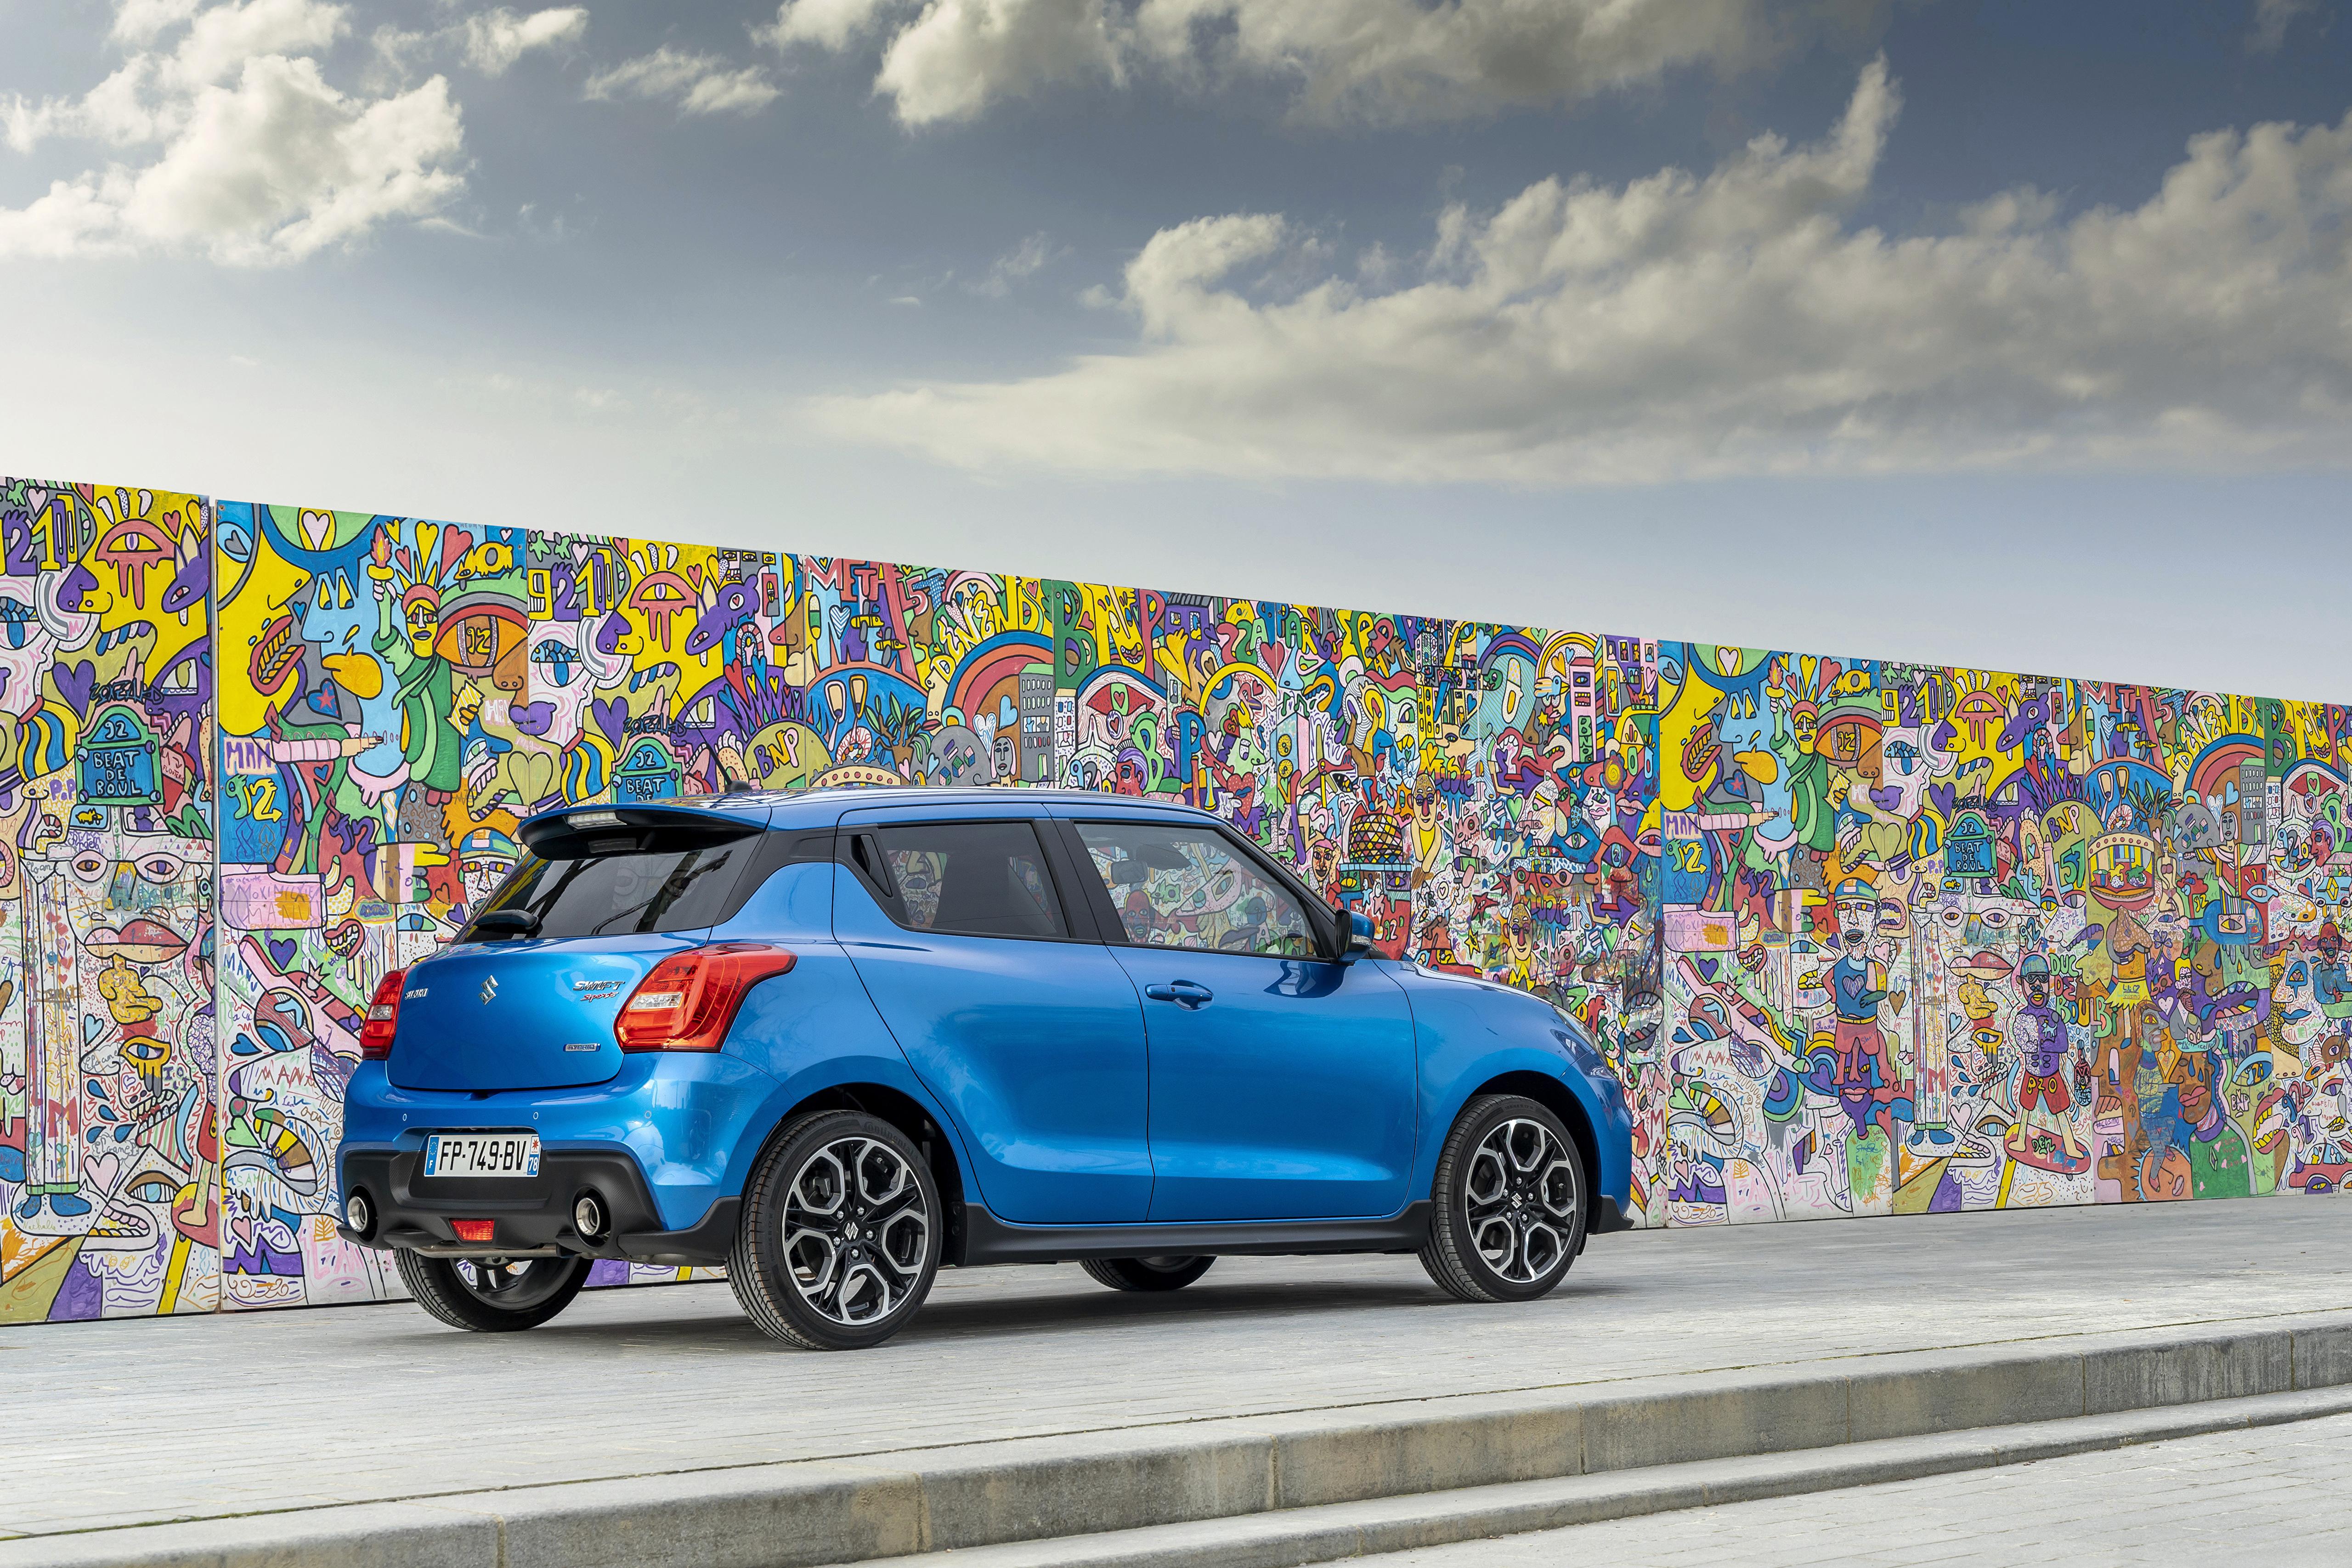 壁紙 51x3413 スズキ 自動車 落書き Swift Sport Hybrid 空色 メタリック塗 壁 自動車 ダウンロード 写真